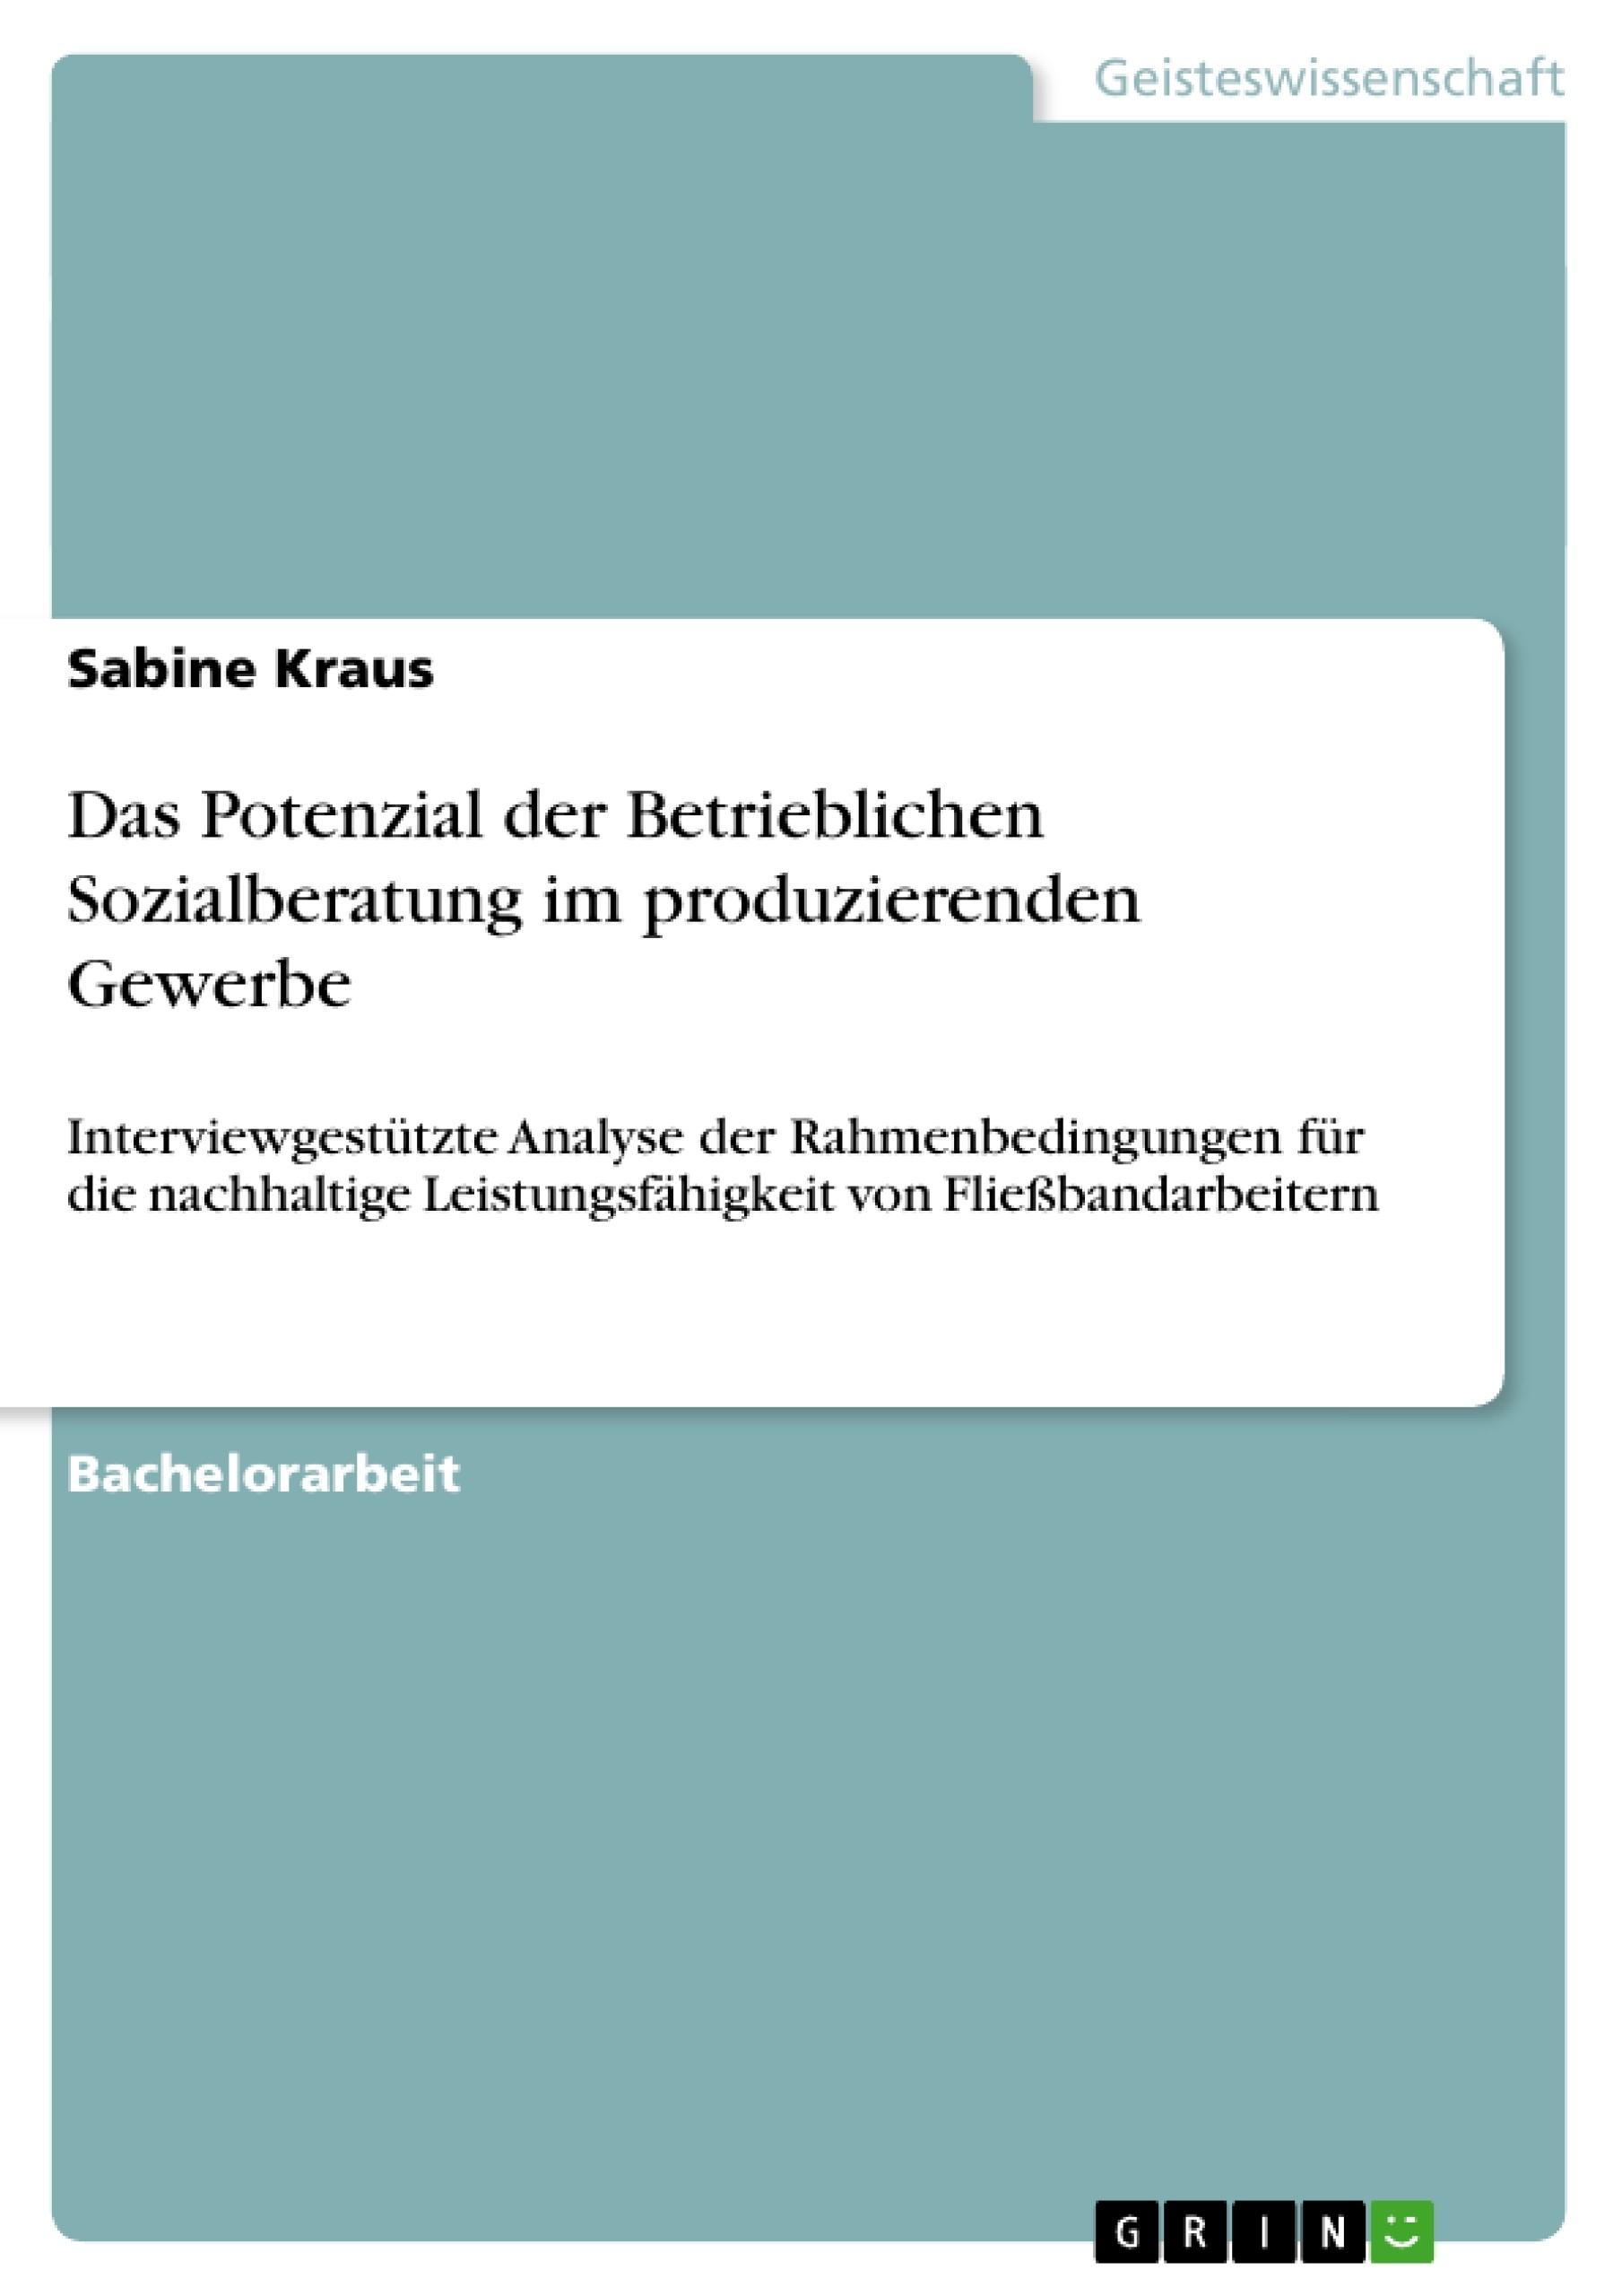 Titel: Das Potenzial der Betrieblichen Sozialberatung im produzierenden Gewerbe